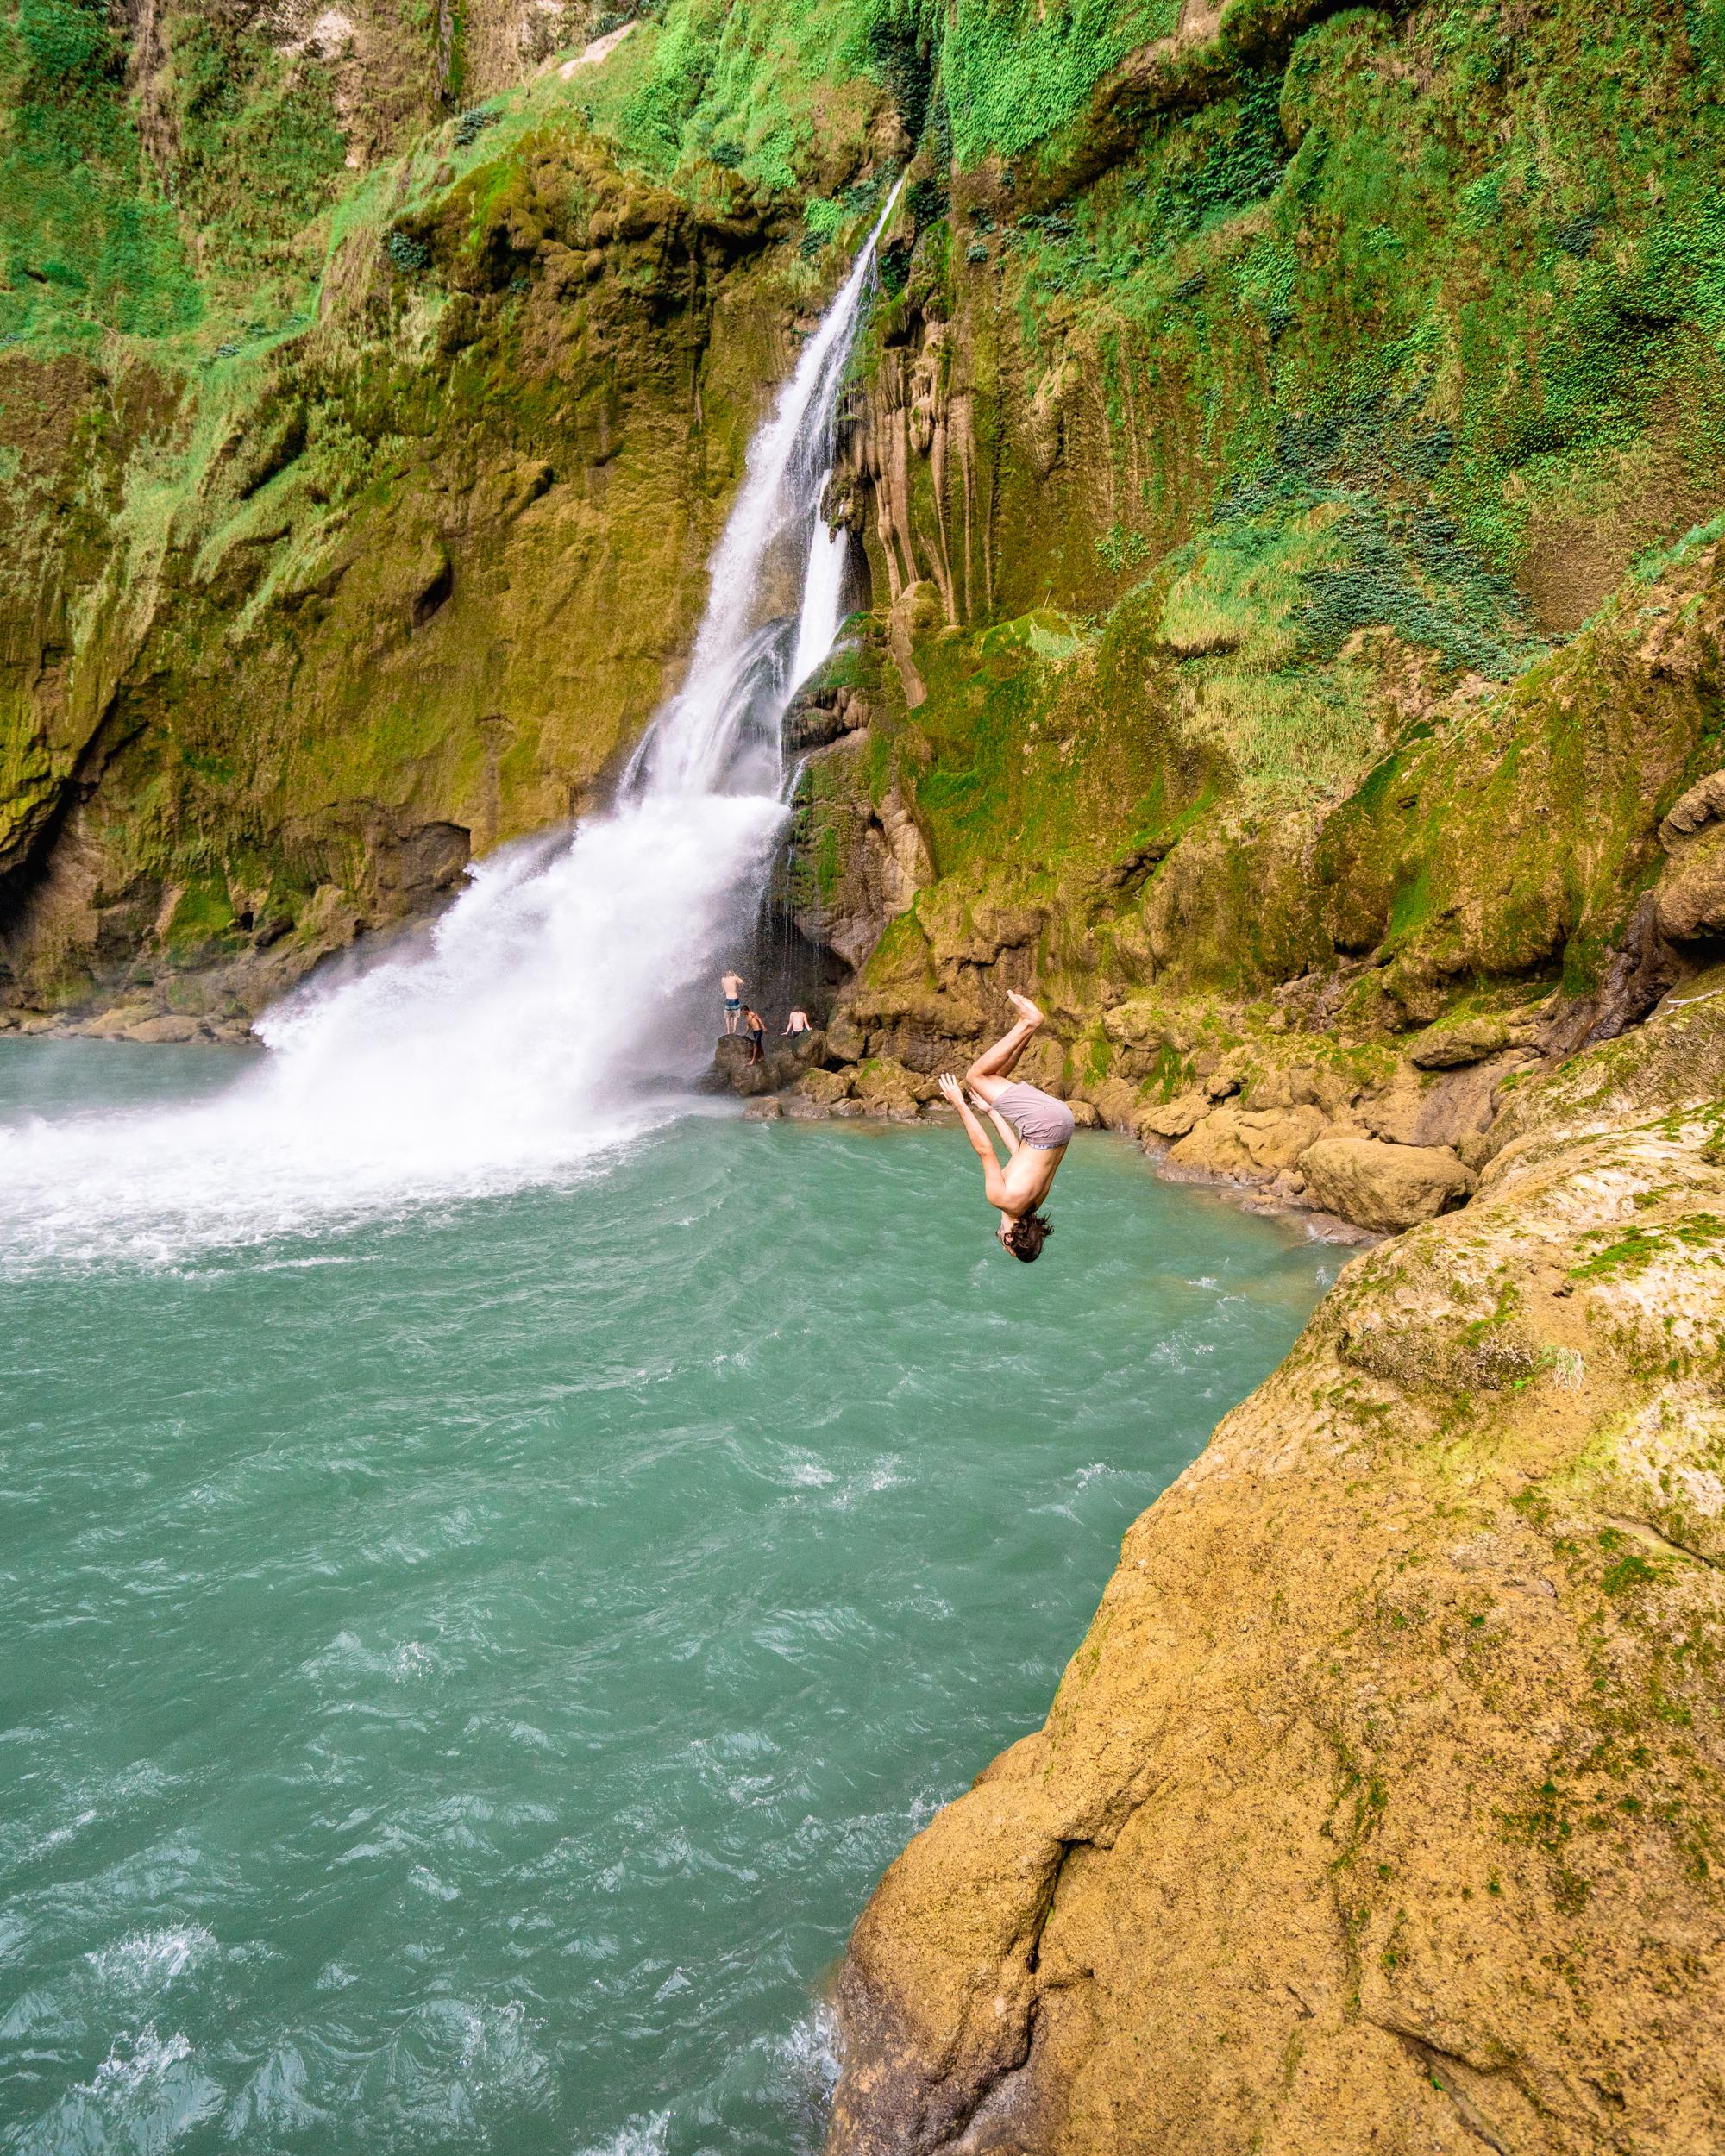 Matayangu Waterfalls